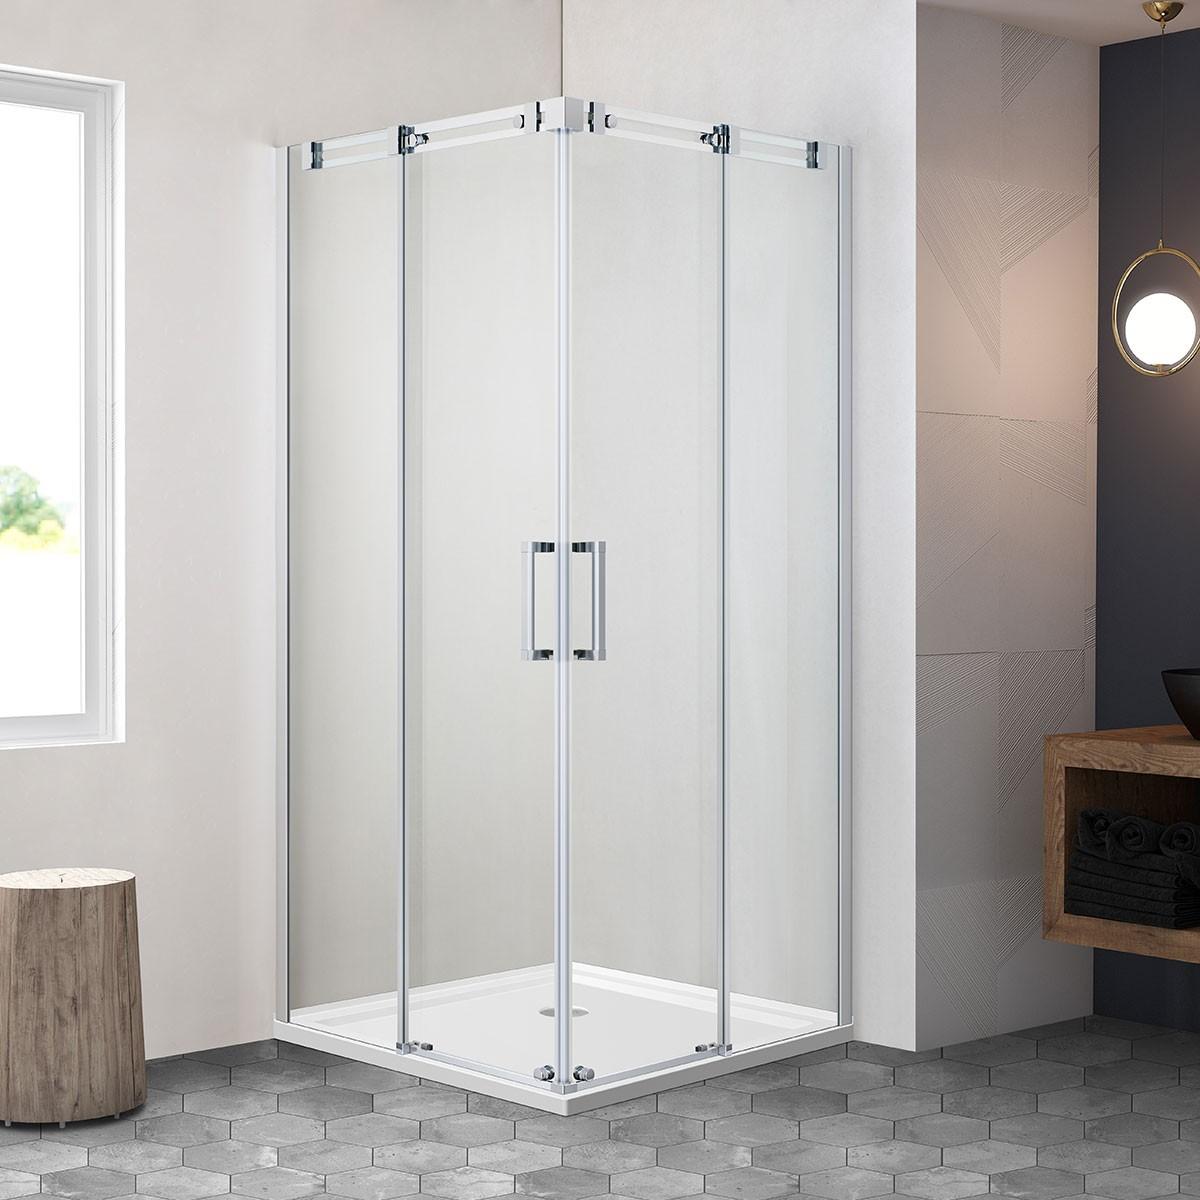 36 x 36 In. Sliding Shower Door (DK-BS2001-6)